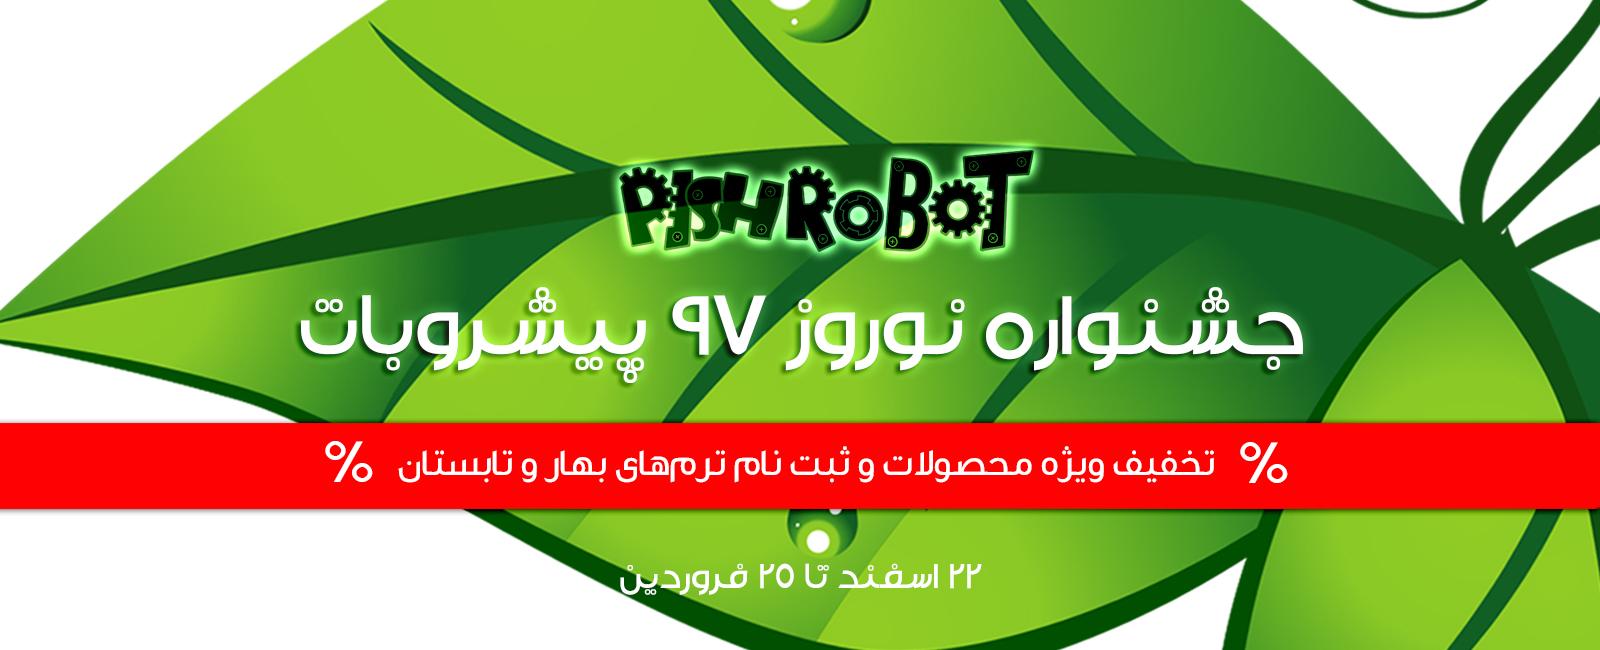 پیشروبات: محصولات رباتیک، آموزش رباتیک برای تمام سنین   مقدماتی و پیشرفته